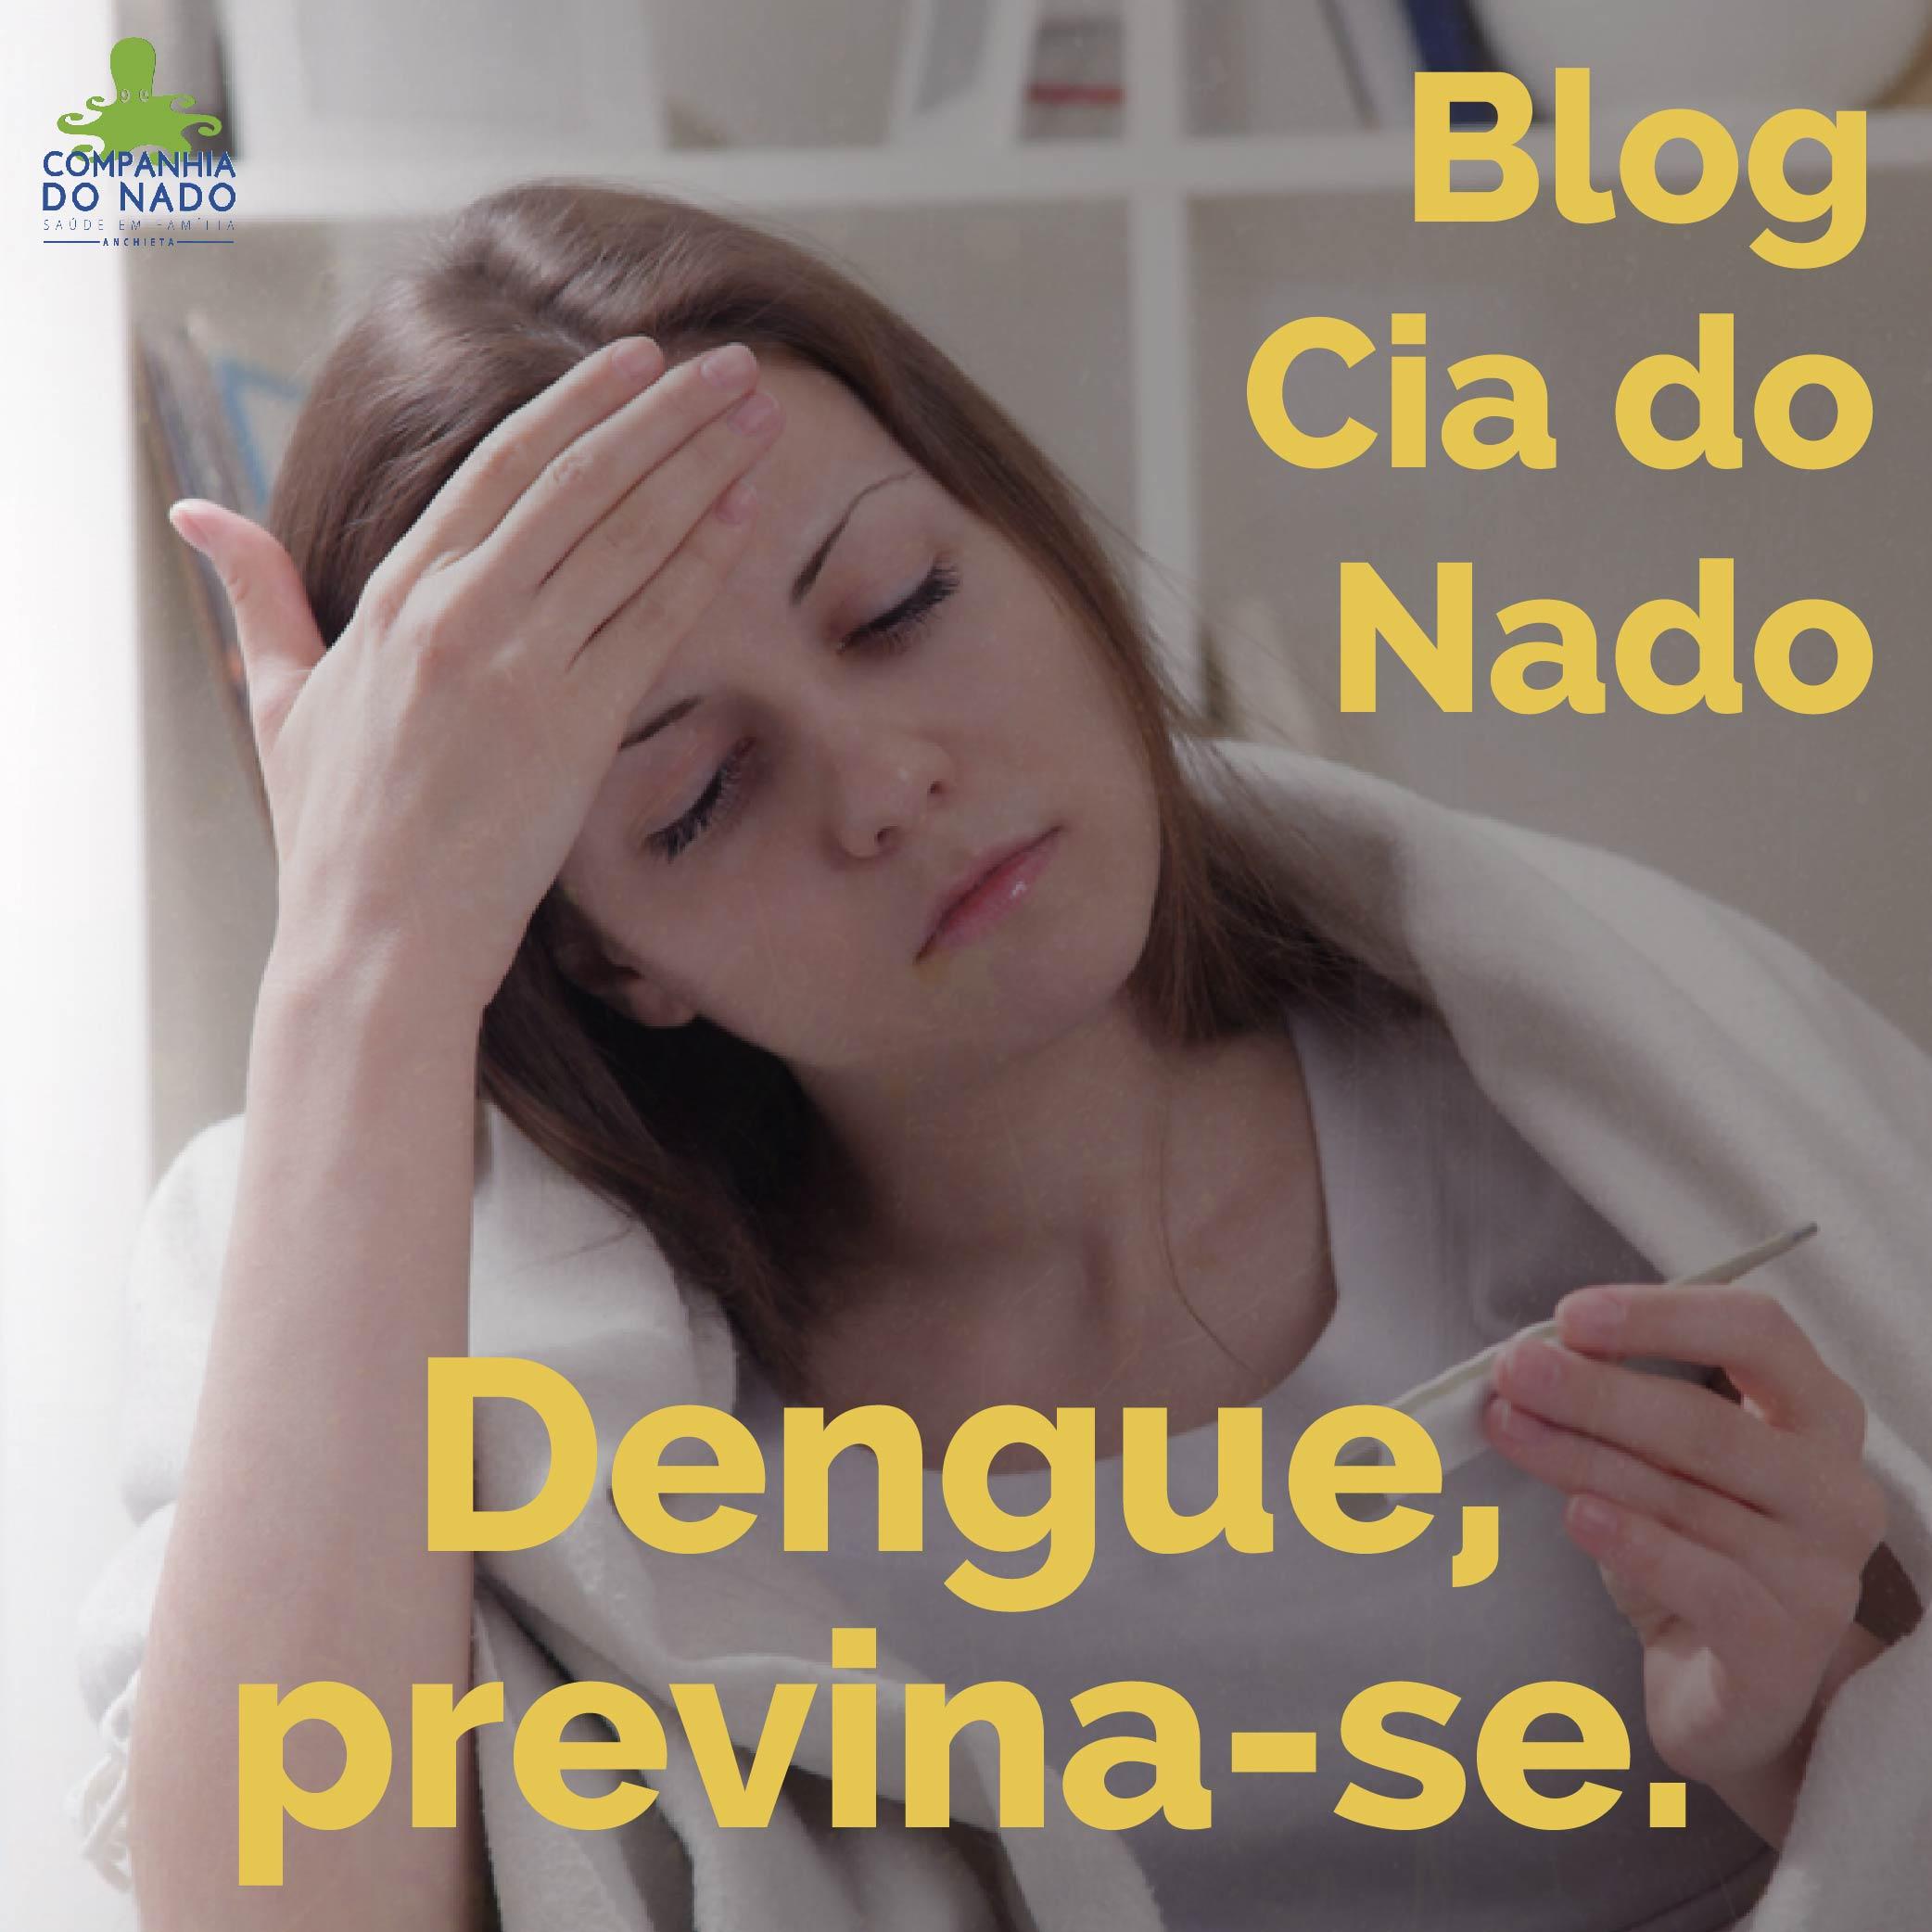 cuidados-prevenção-dengue